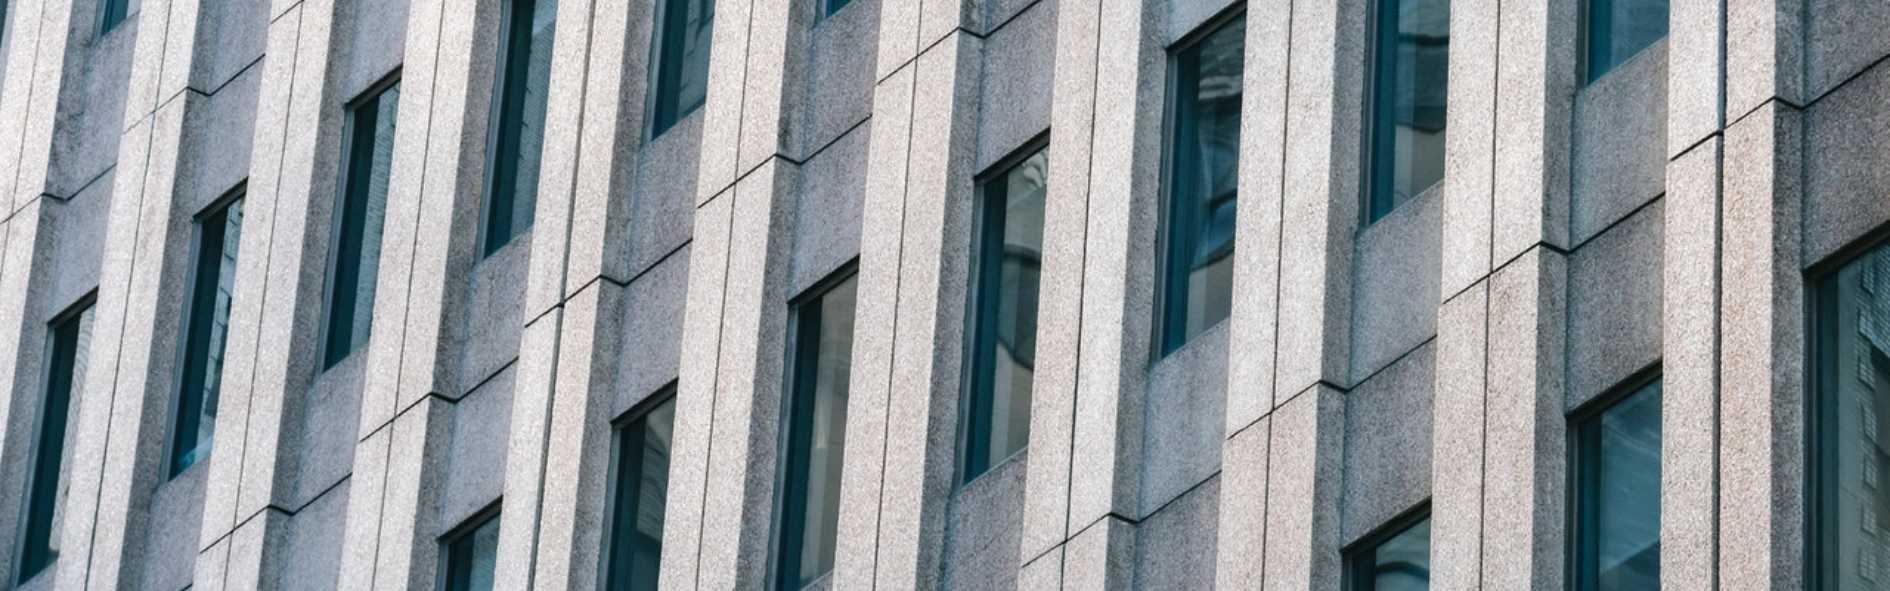 Descubre la arquitectura brutalista y sus peculiaridades